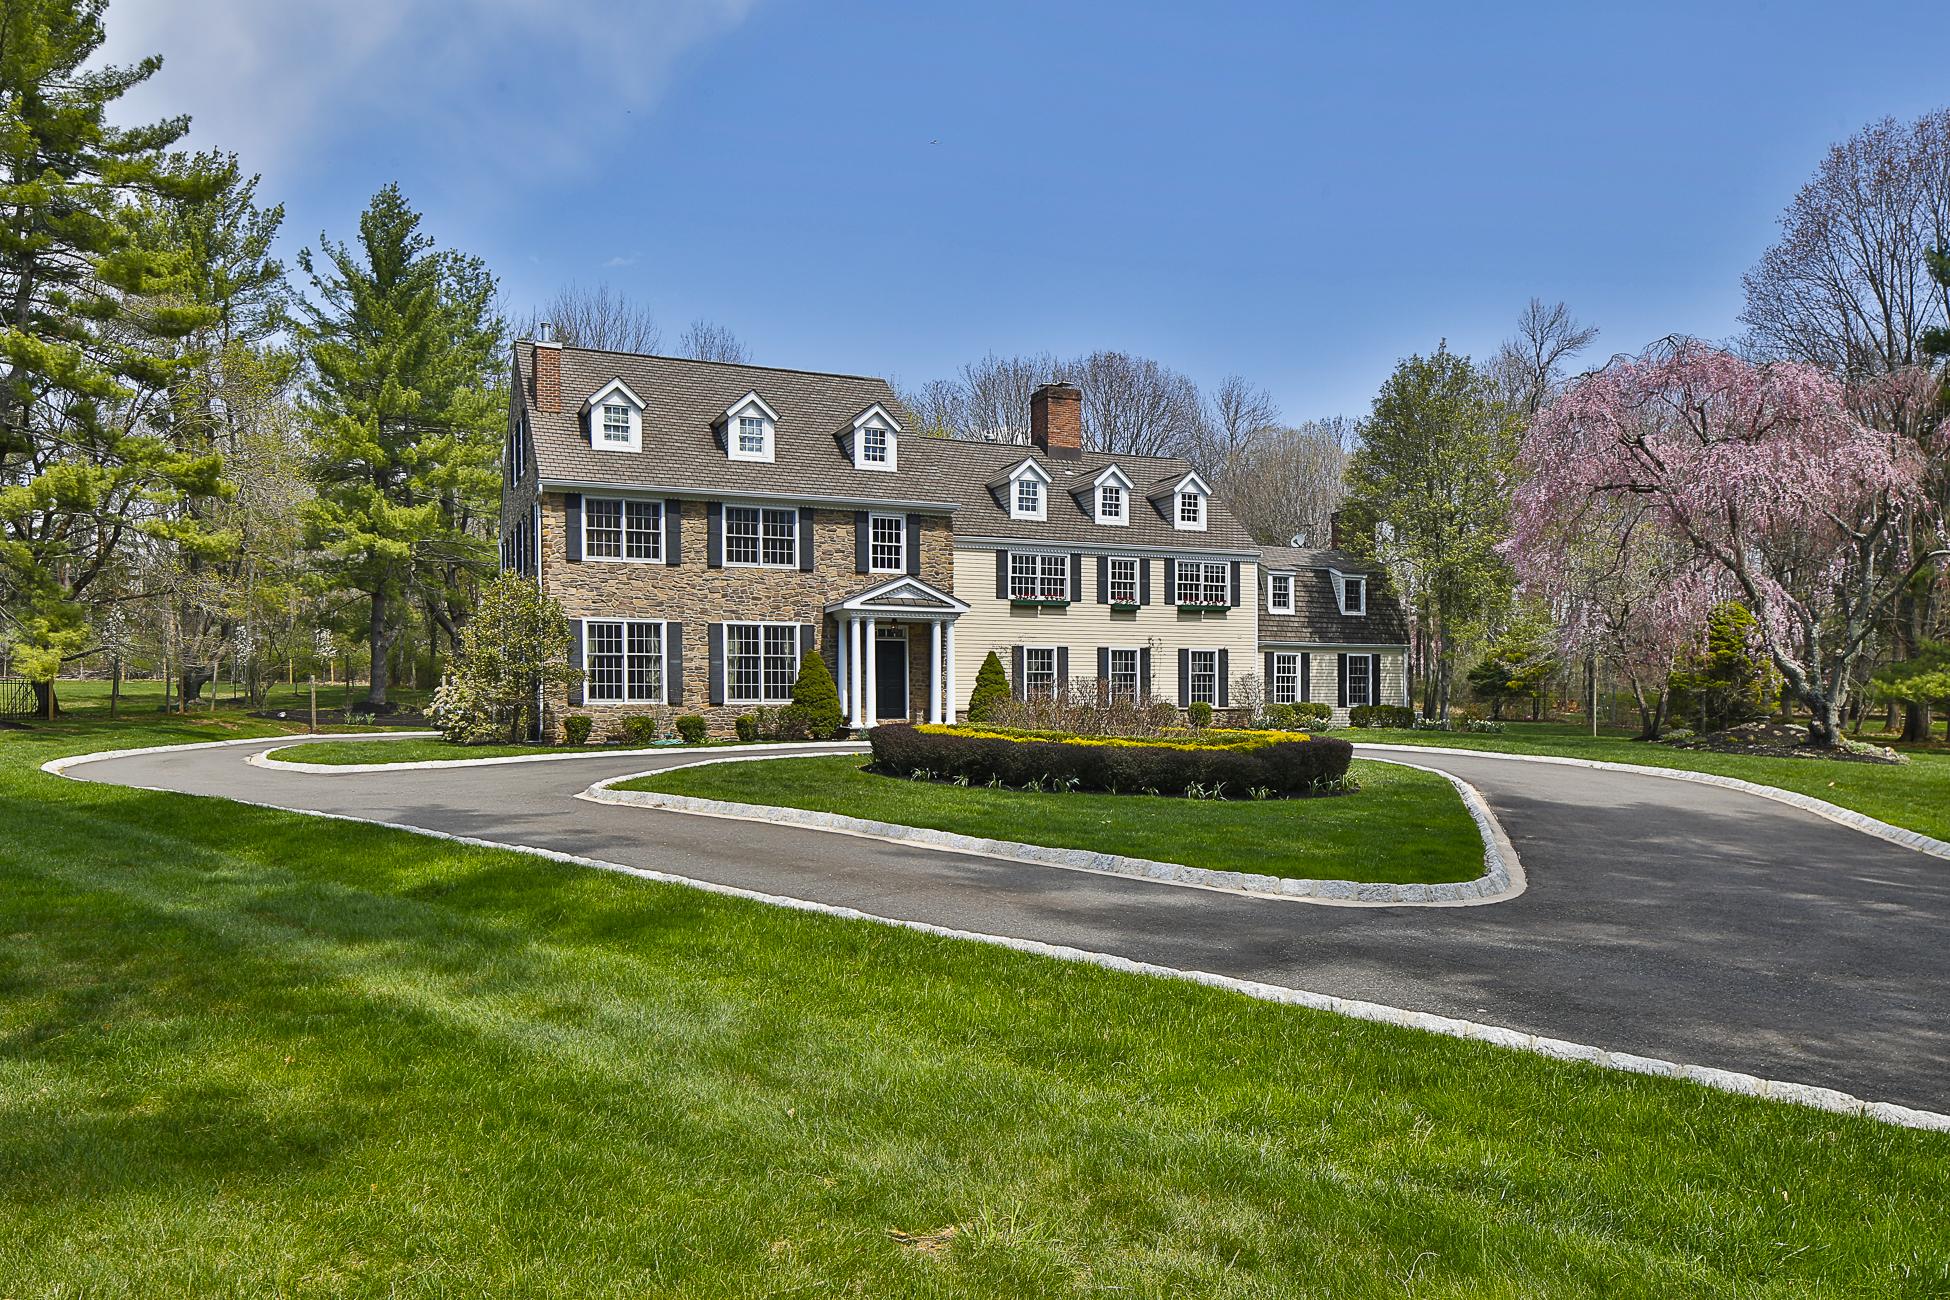 Einfamilienhaus für Verkauf beim Just Like New, Only Better! 47 Winfield Road Princeton, New Jersey 08540 Vereinigte Staaten